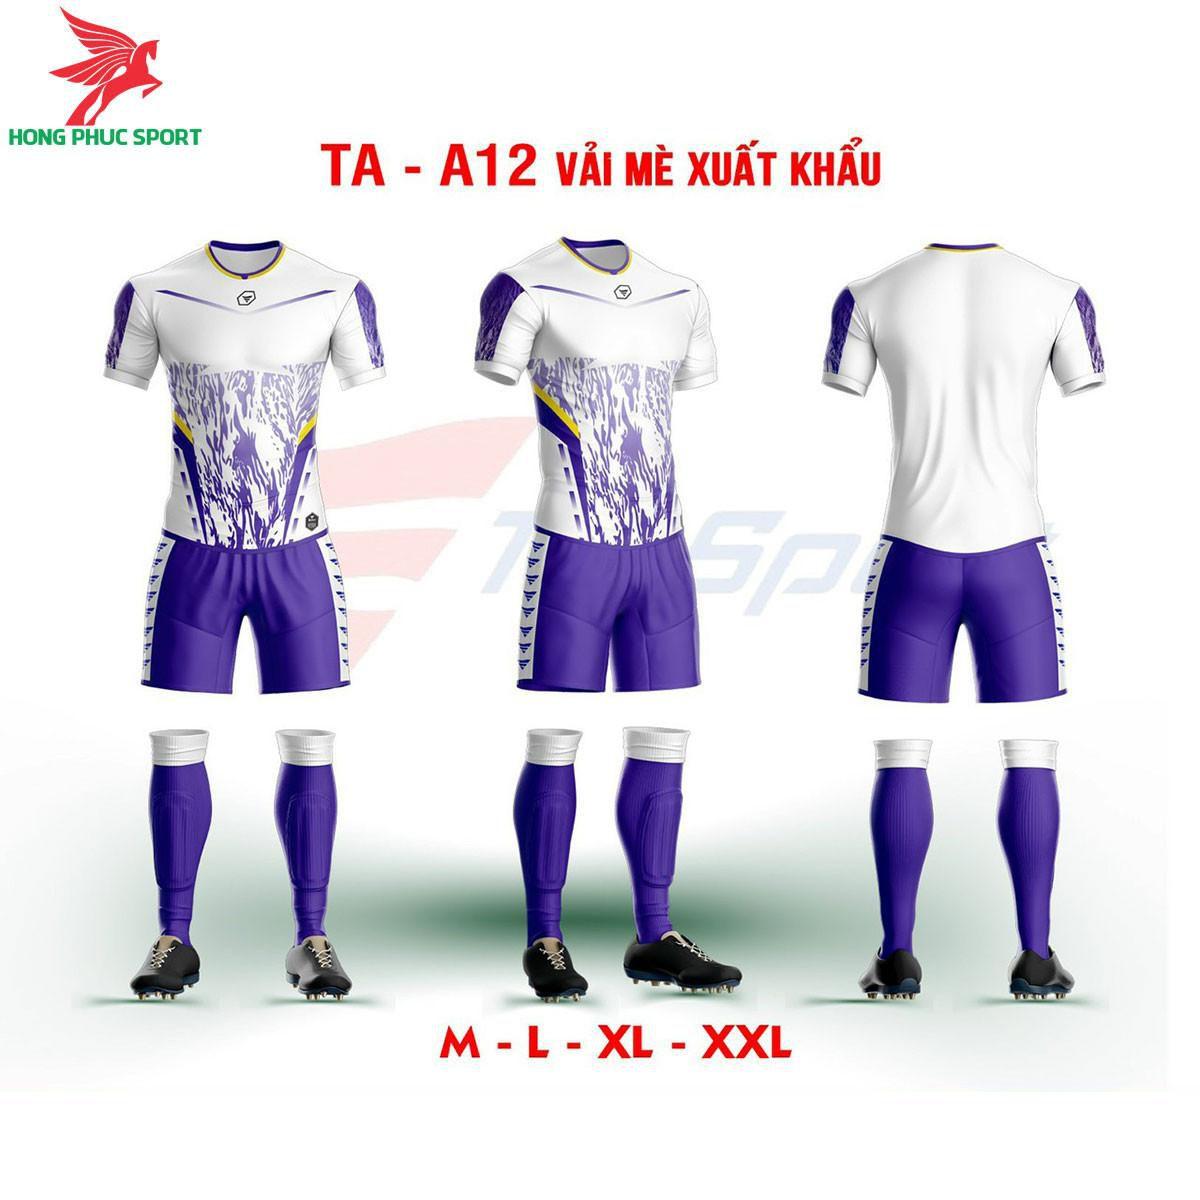 https://cdn.hongphucsport.com/unsafe/s4.shopbay.vn/files/285/ao-khong-logo-truong-an-ta-a12-mau-tim-604744e428d04.jpg